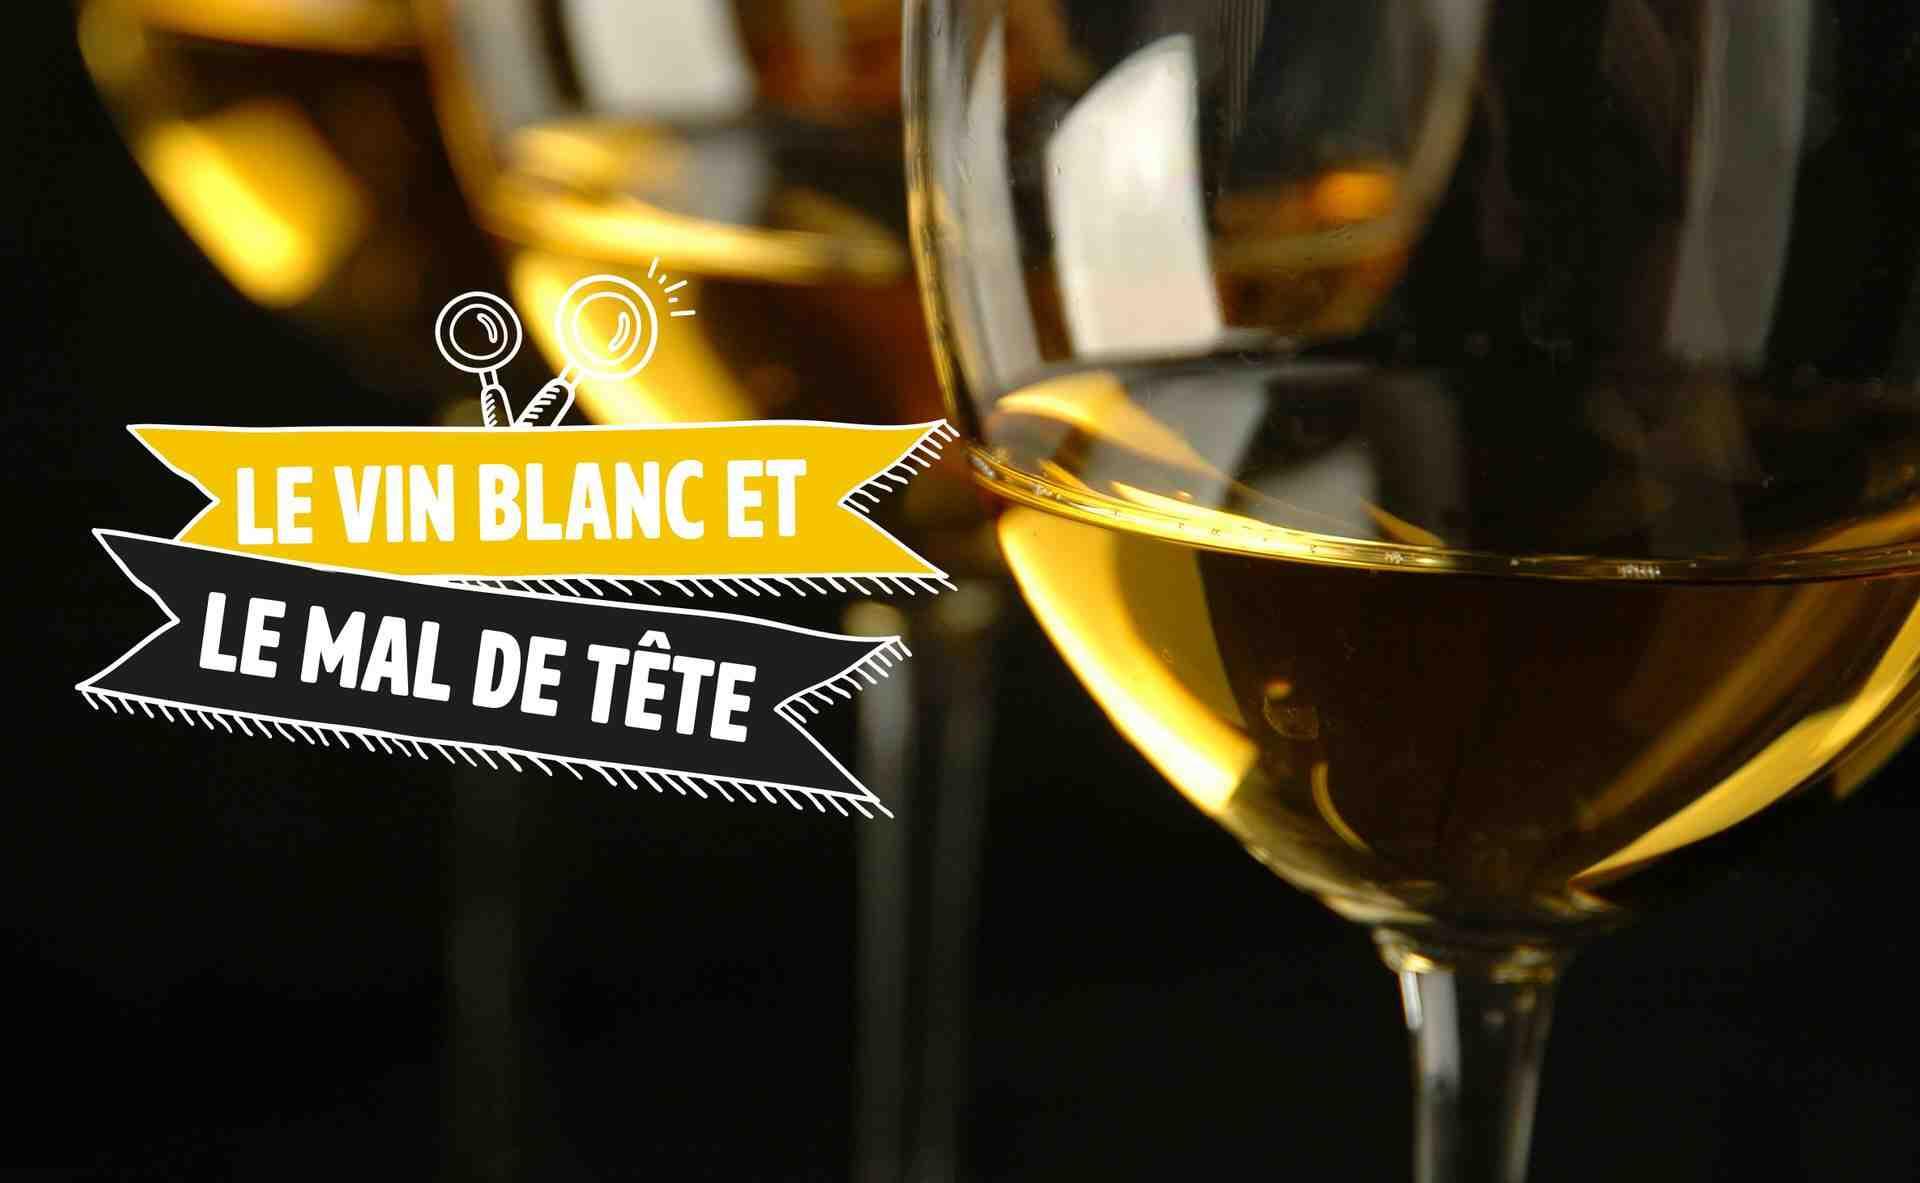 Le vin blanc fait monter la tension ?